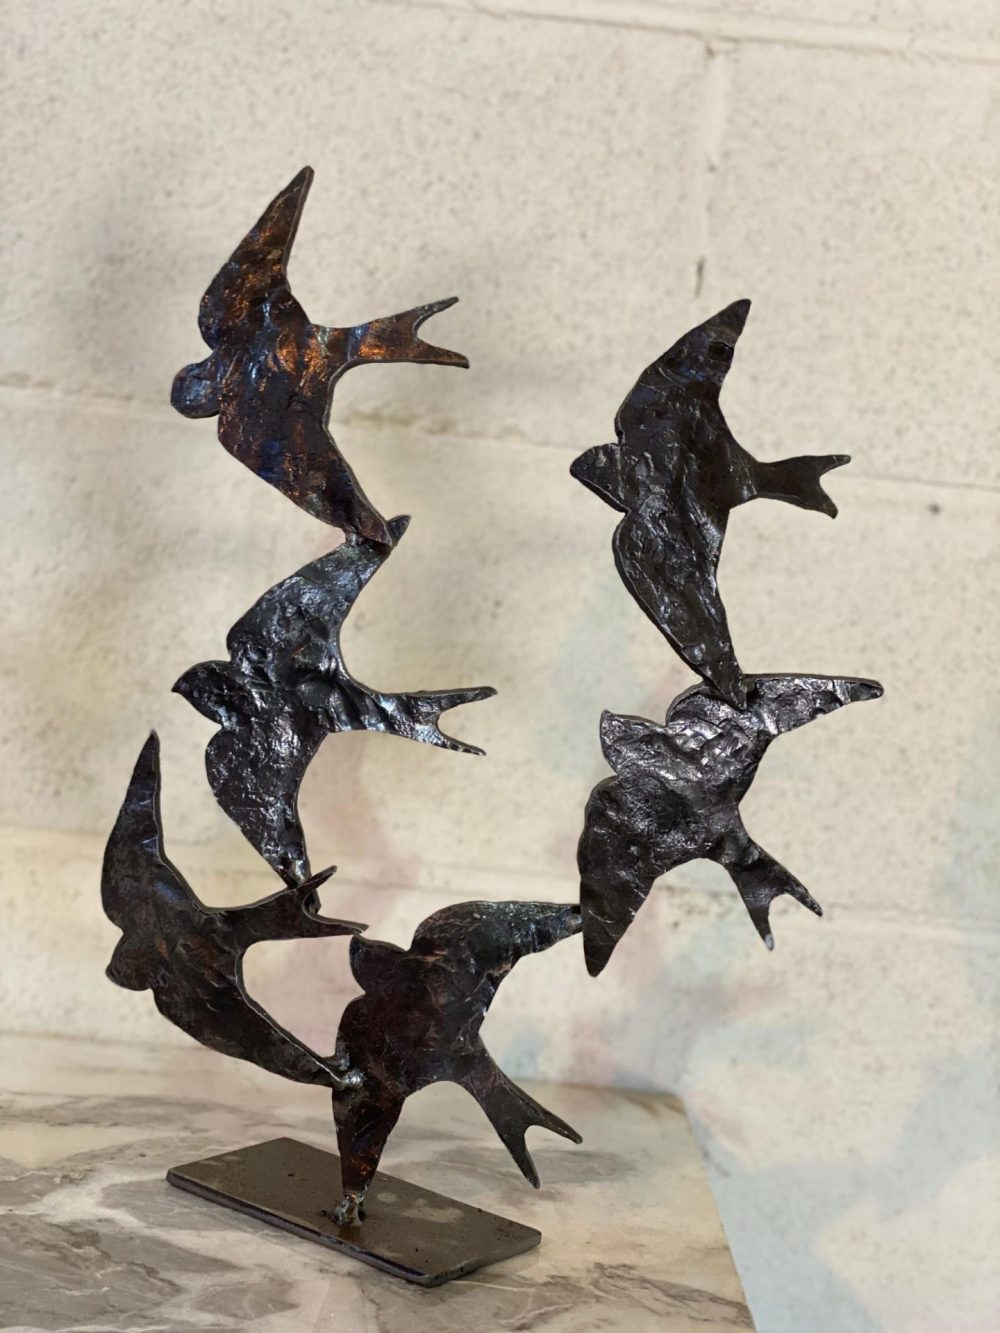 Swifts in Flight Sculpture